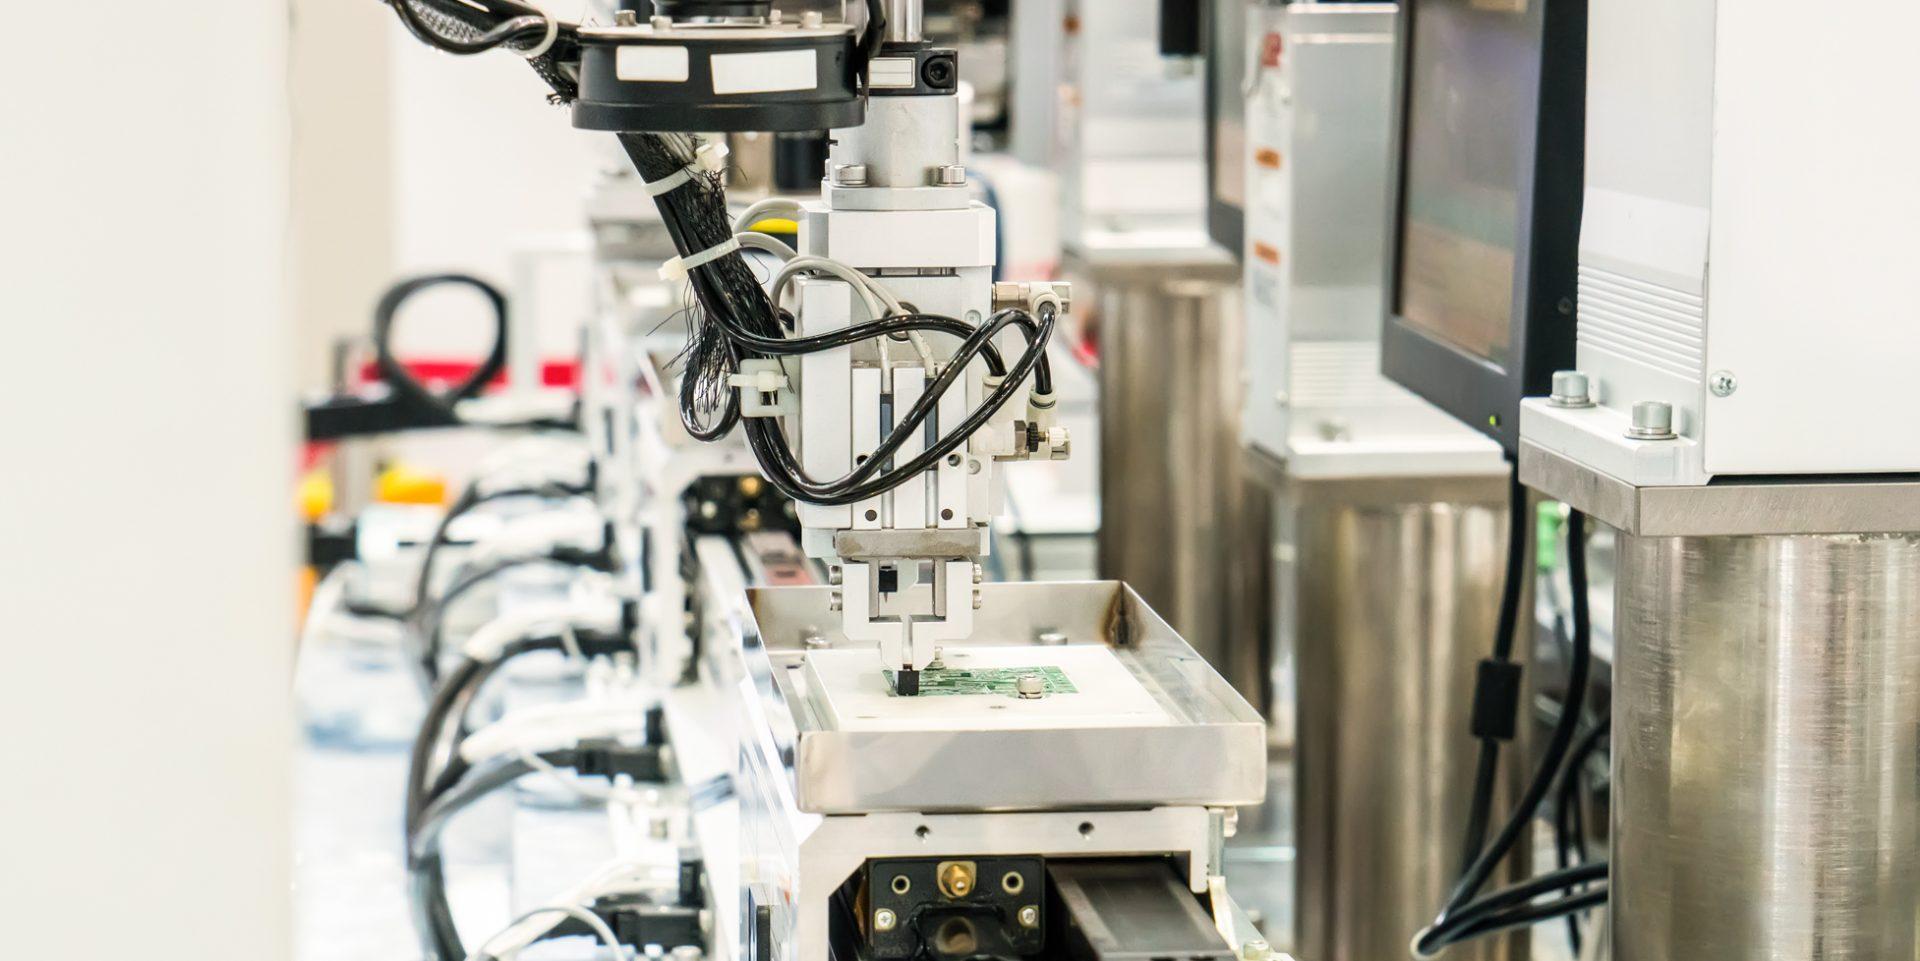 Testbedy – testovacie laboratóriá pre budúce digitálne podniky